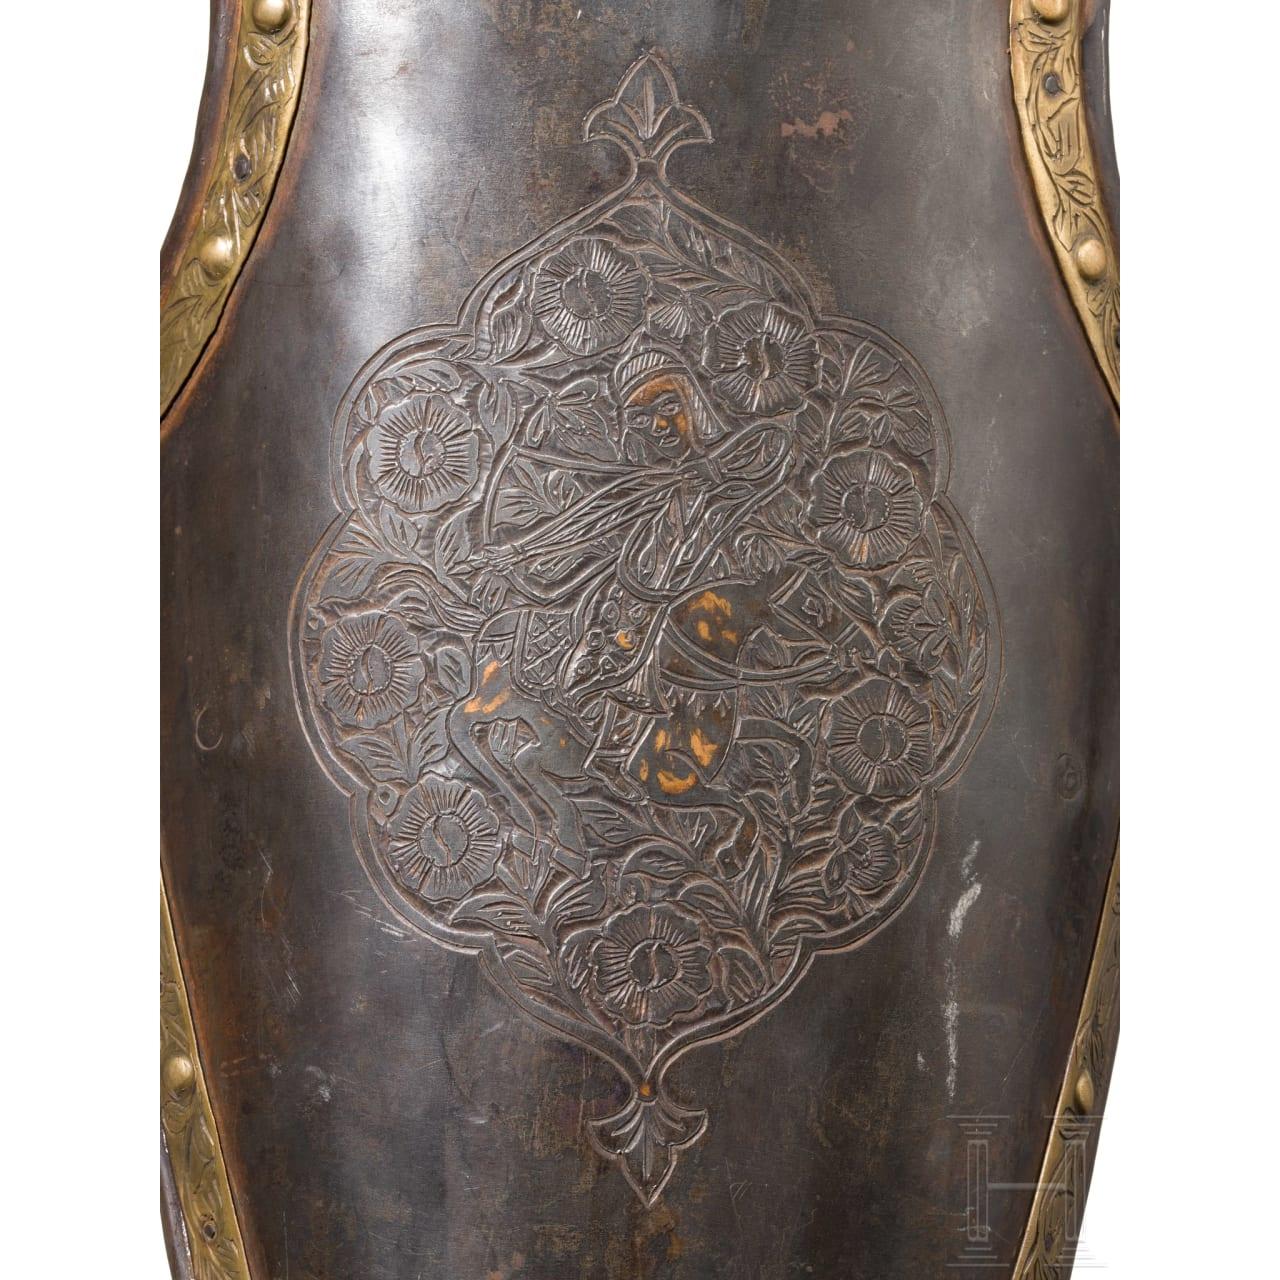 Reich dekorierte Rossstirn, Persien, um 1900